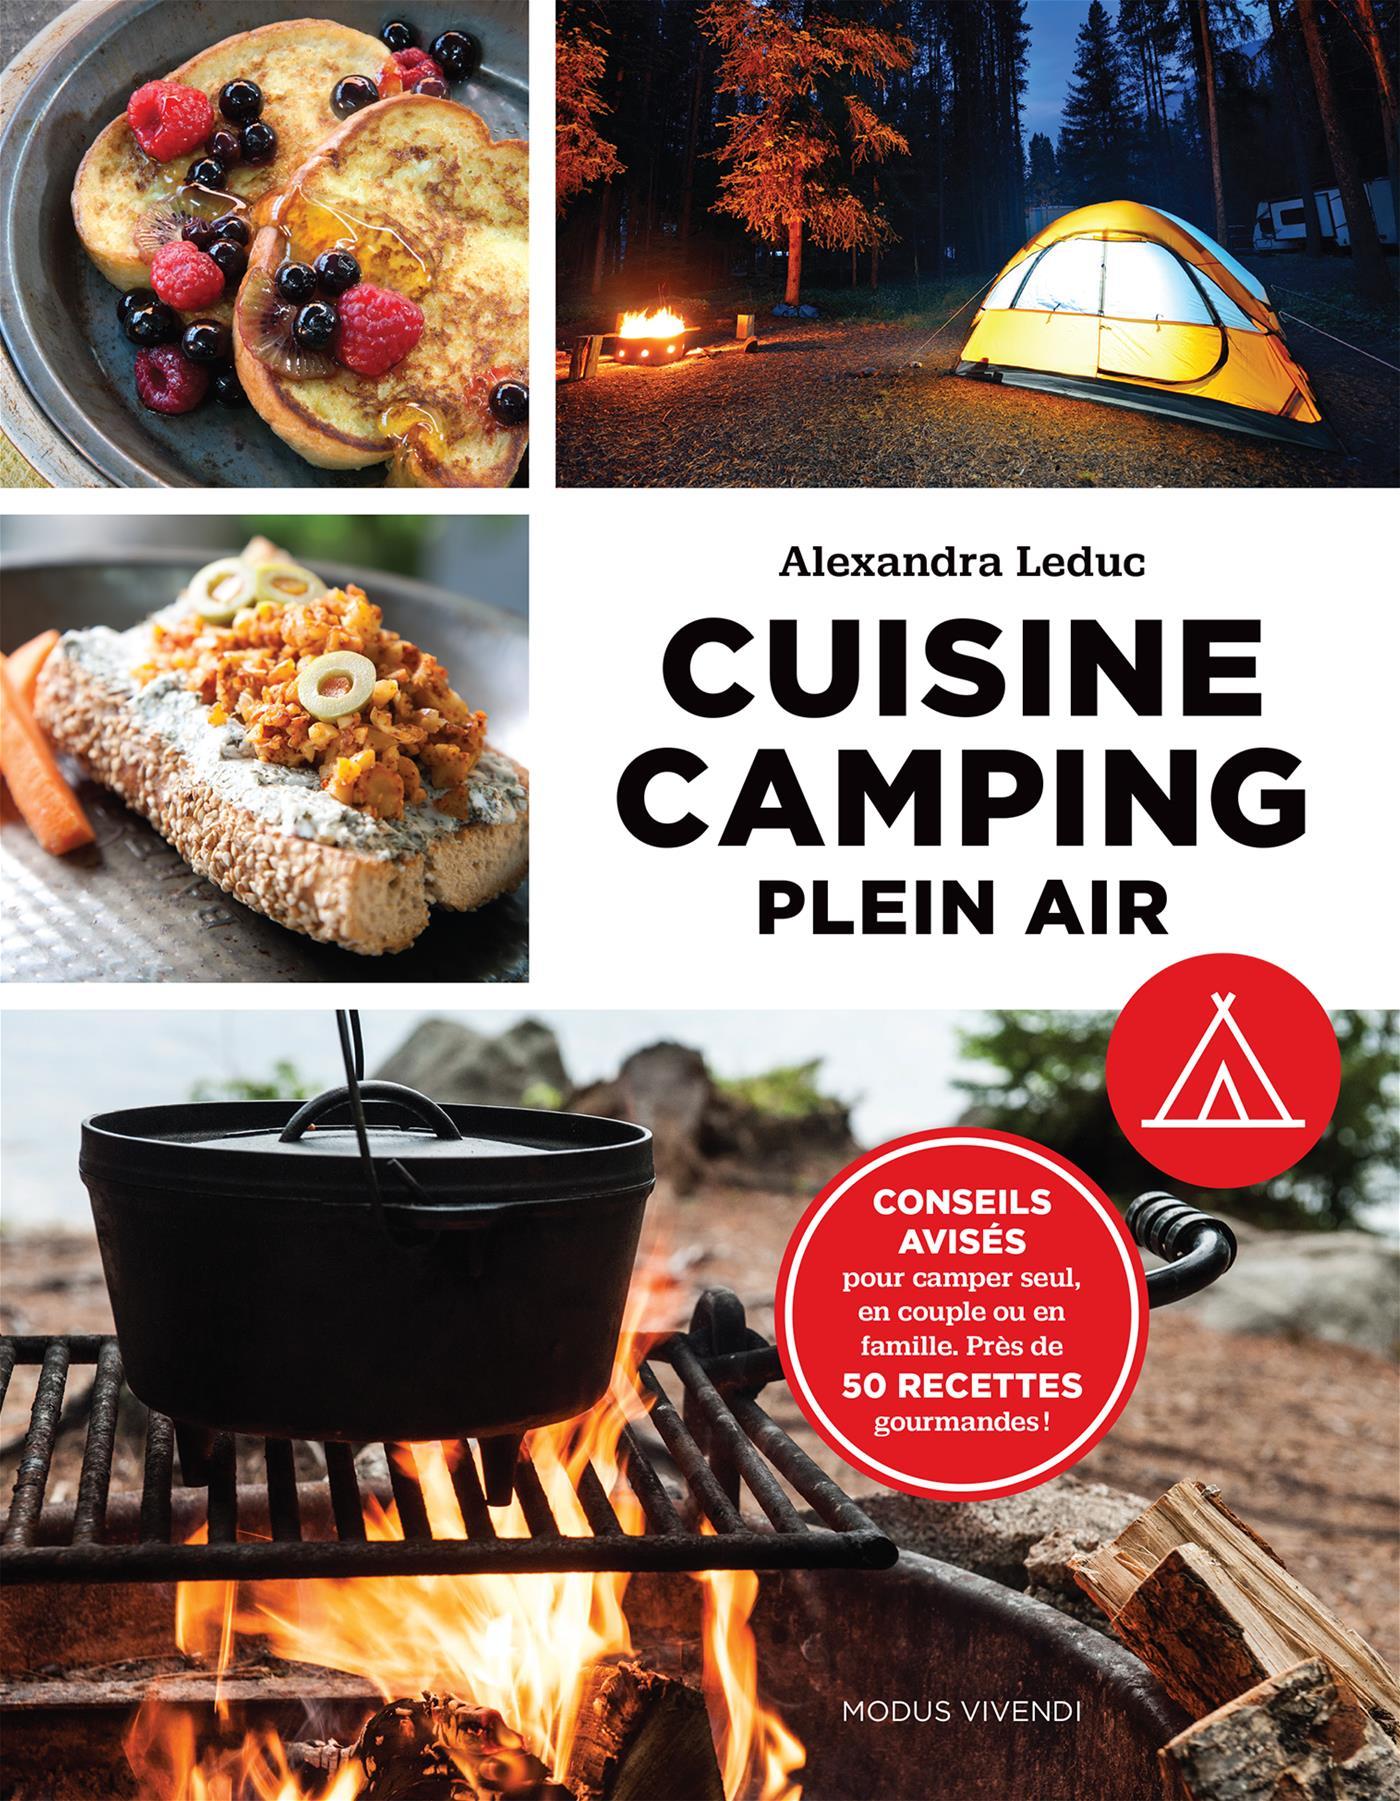 Cuisine camping plein air